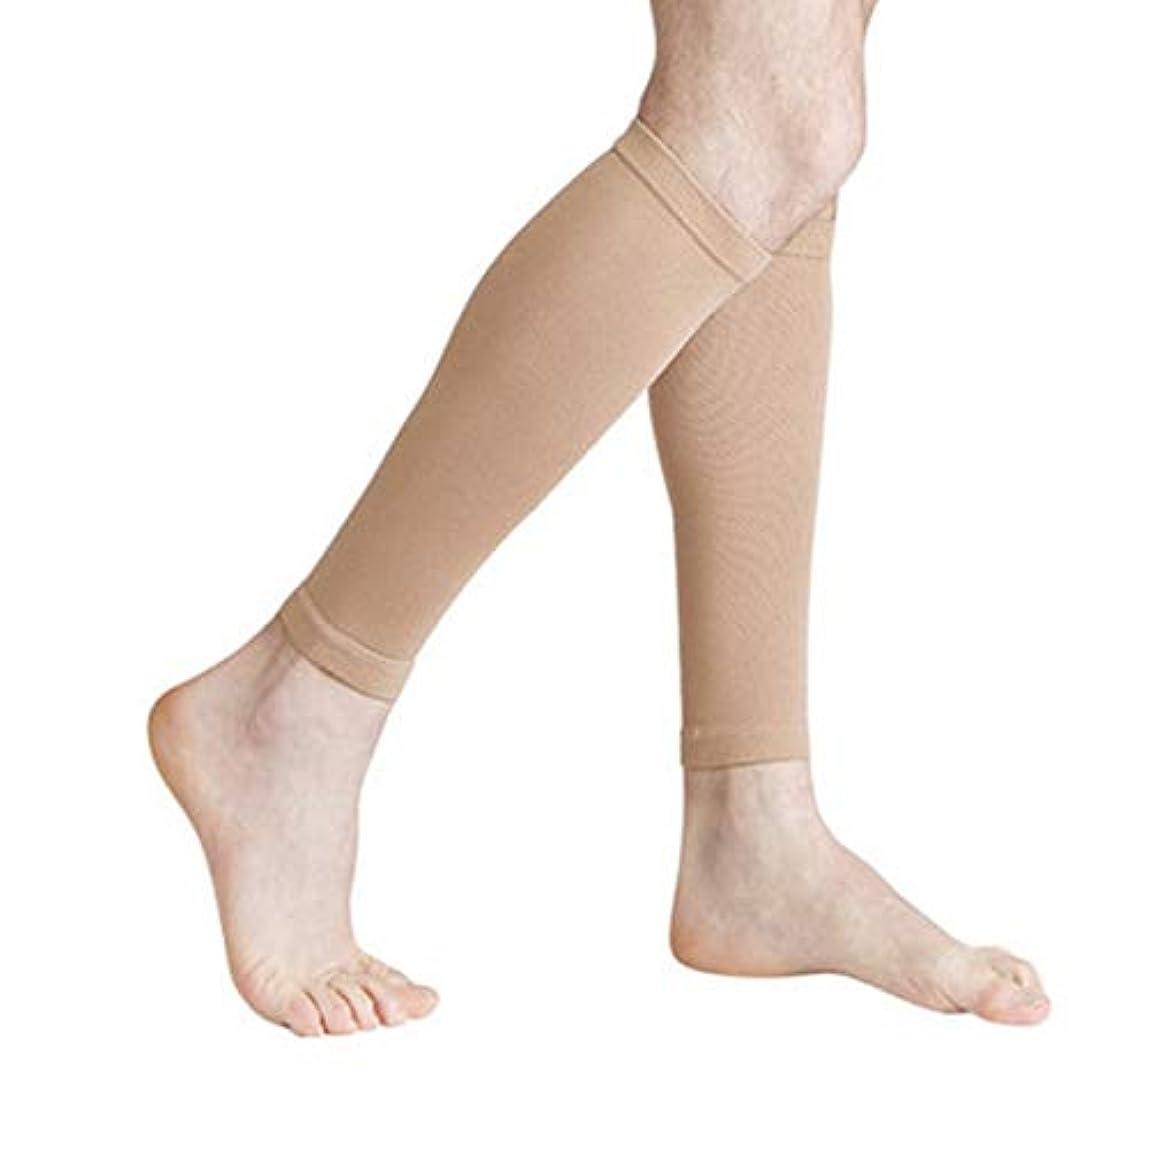 基準文明佐賀丈夫な男性女性プロの圧縮靴下通気性のある旅行活動看護師用シントスプリントフライトトラベル - 肌色